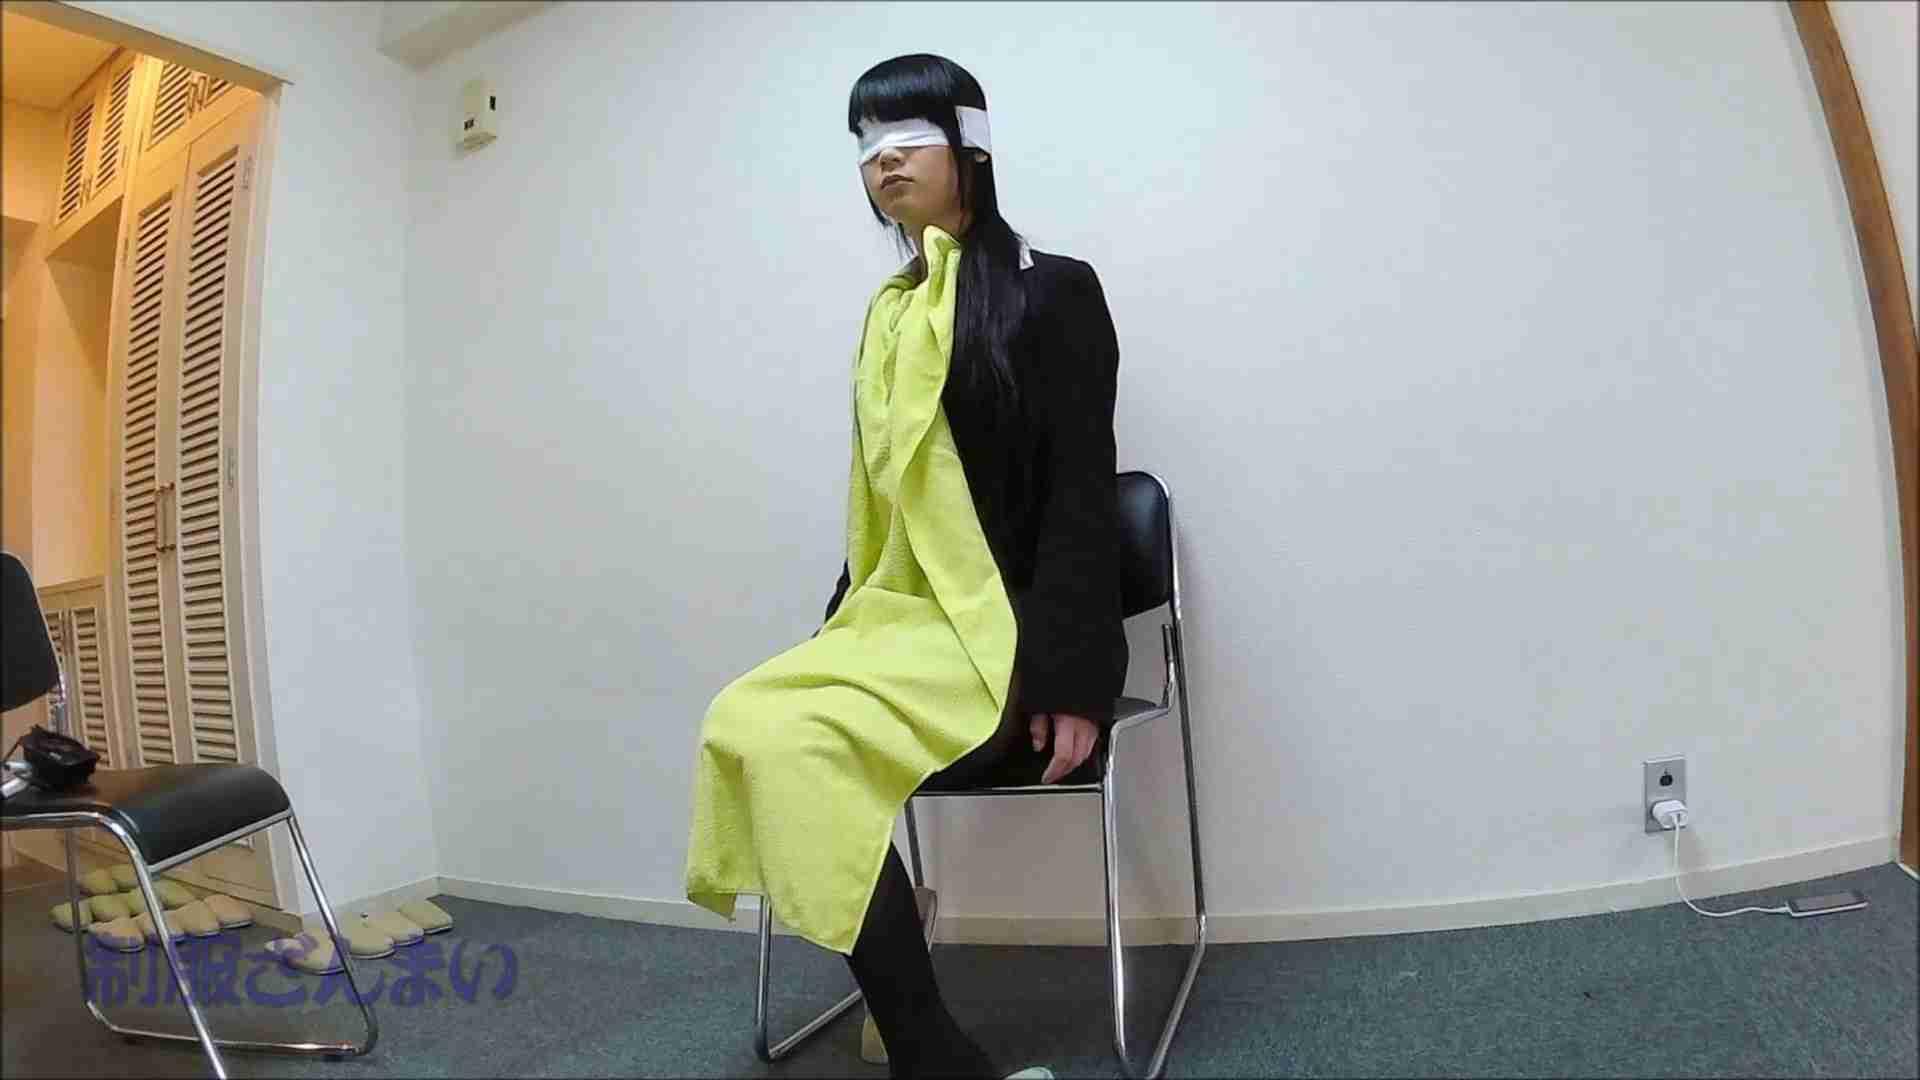 盗撮悪戯モニターリサーチ 悪戯   盗撮映像大放出  15連発 9